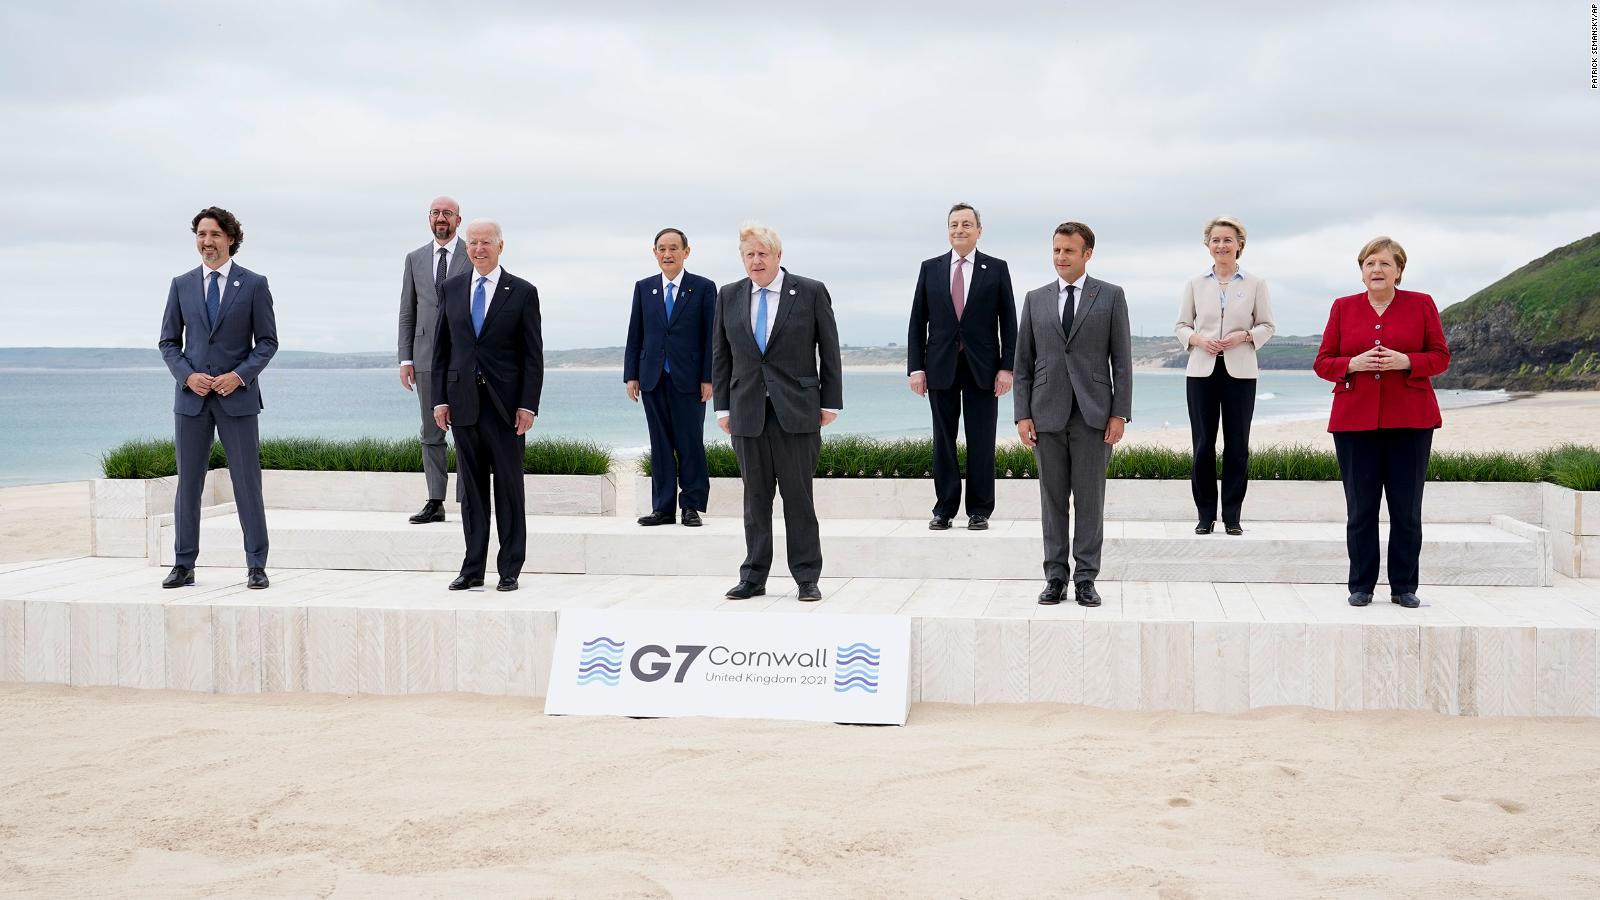 El G7 pide un nuevo estudio sobre los orígenes del covid-19 y expresa preocupación sobre China